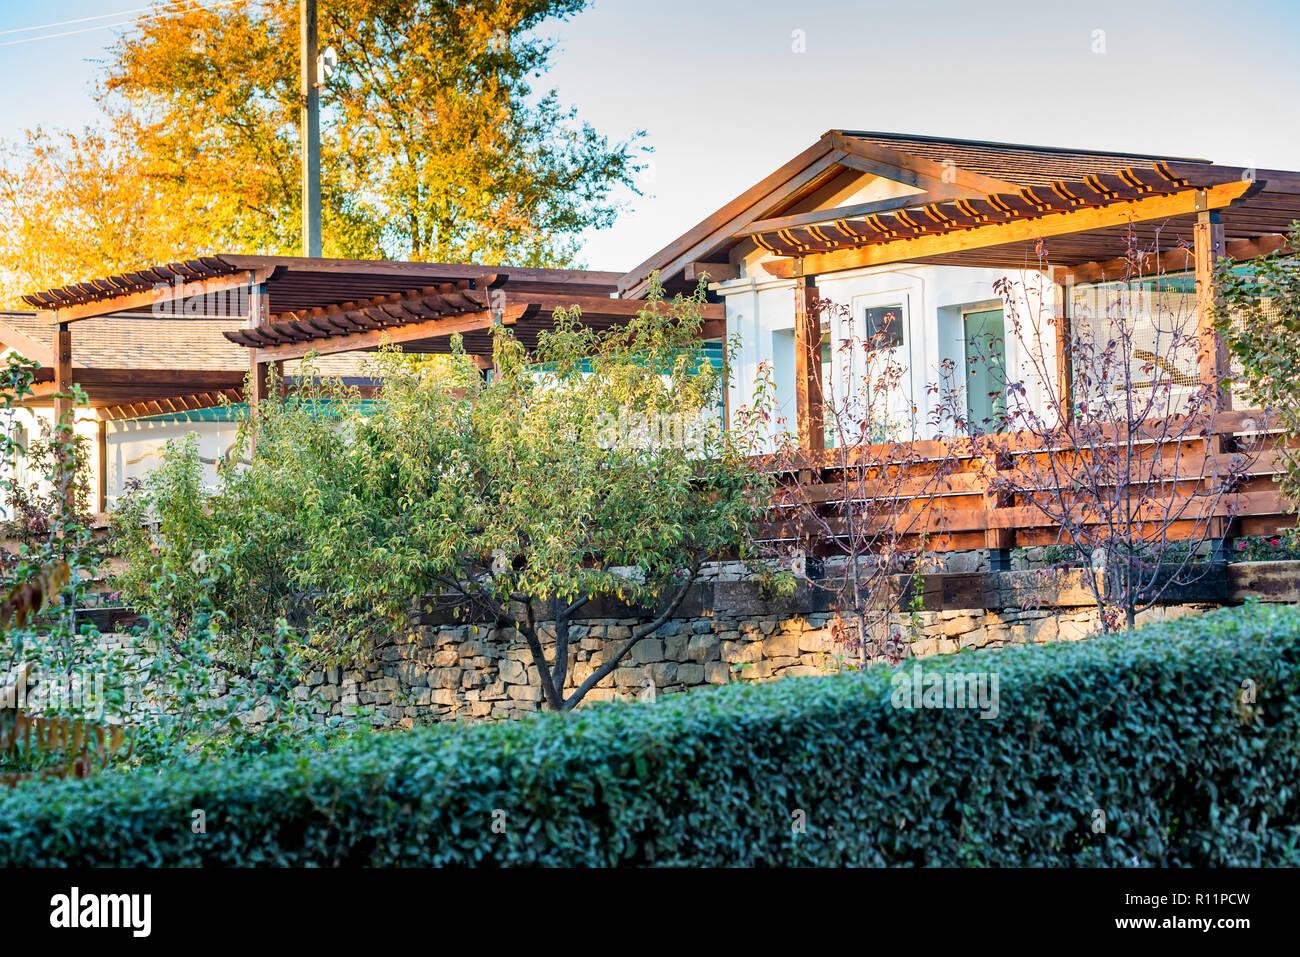 Casa Rural Complejo De Madera Con Terraza Y árboles Junto A